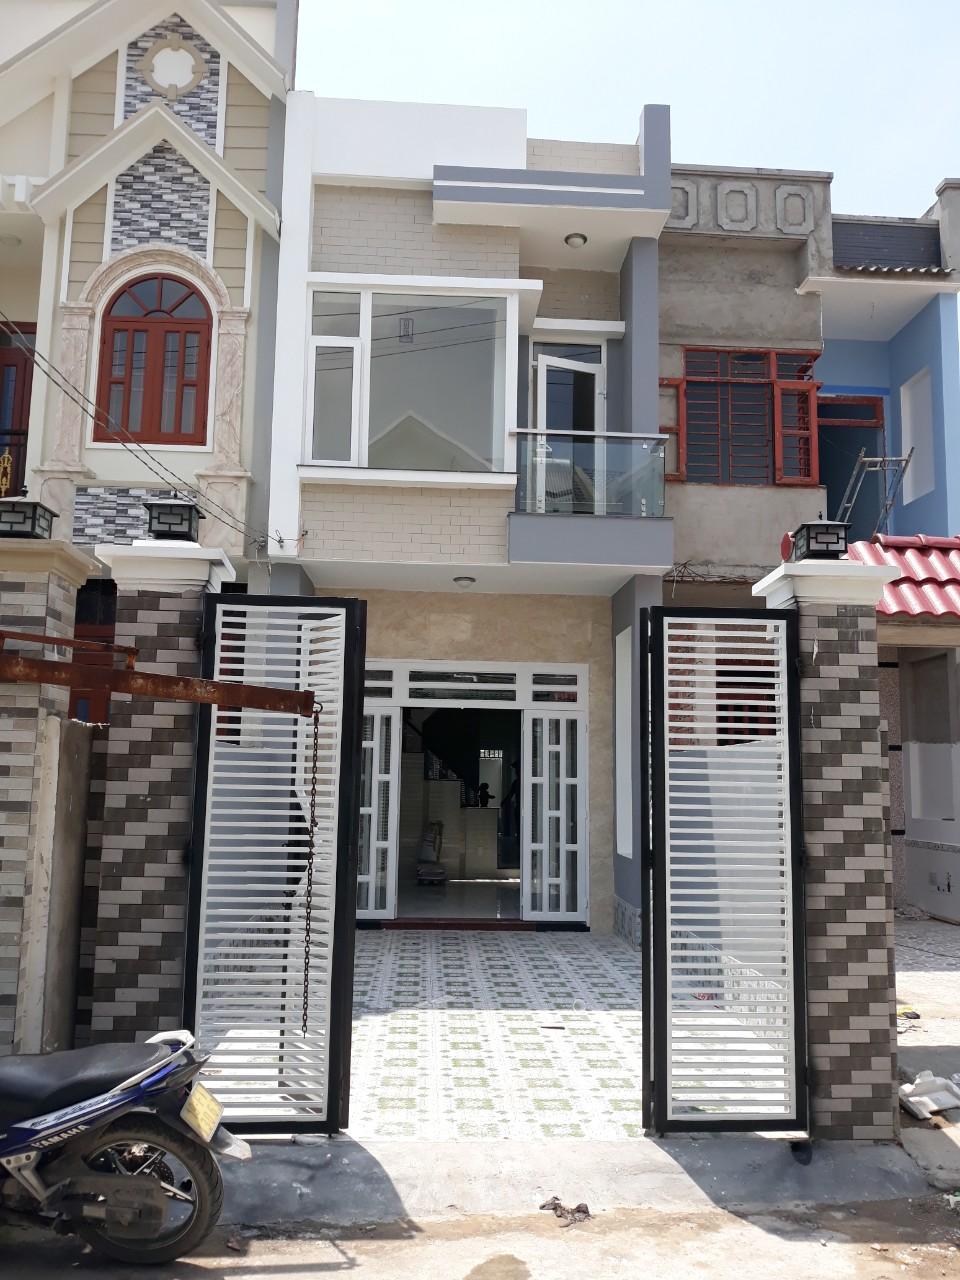 Bán nhà 1 lầu 1 trệt,giá rẻ,buôn bán tốt,đường tân an, dĩ an,bình dương,100m2,giá 2.75tỷ